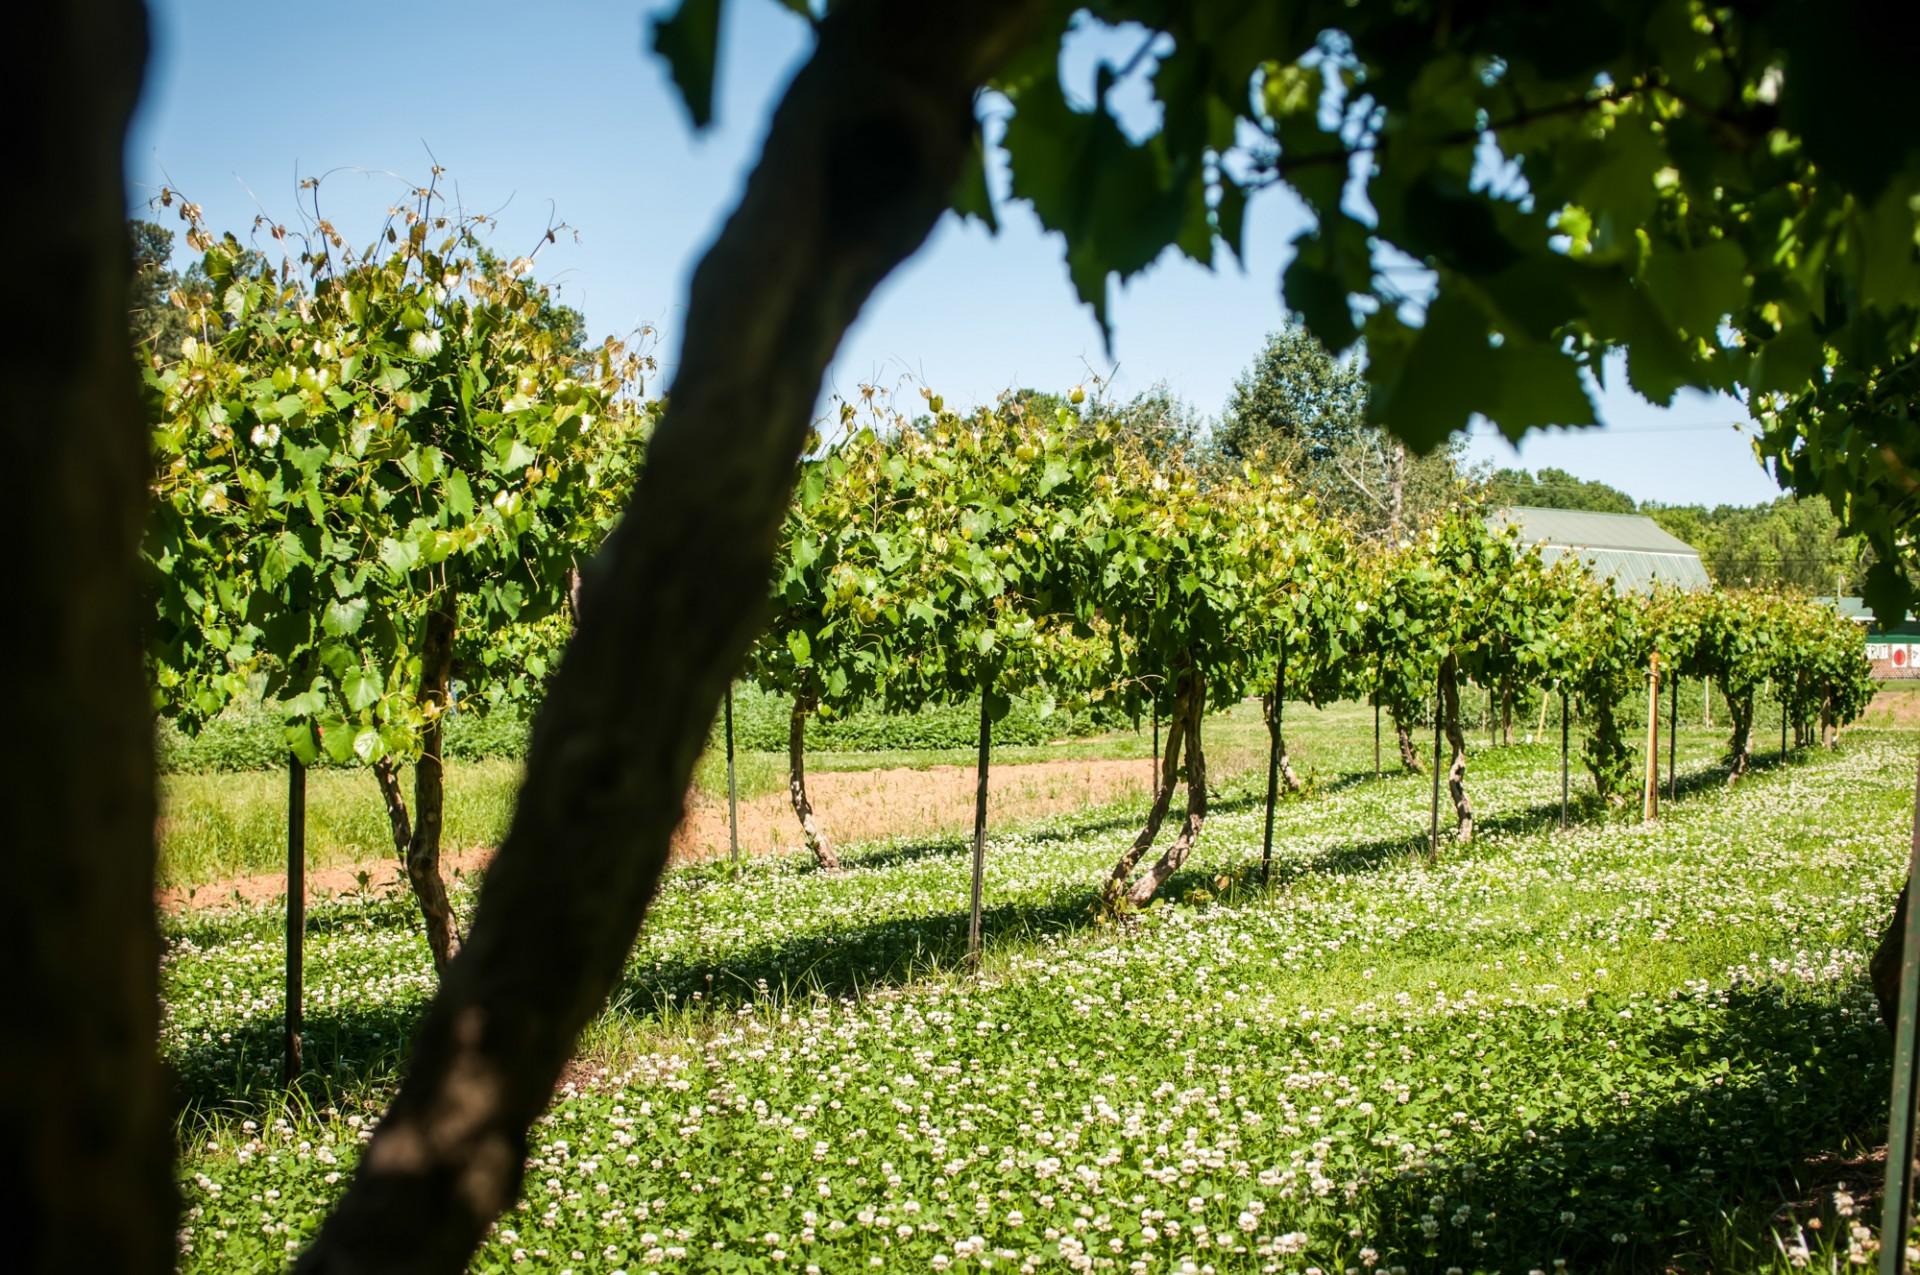 vinyard-farm-in-spring-137955324206s